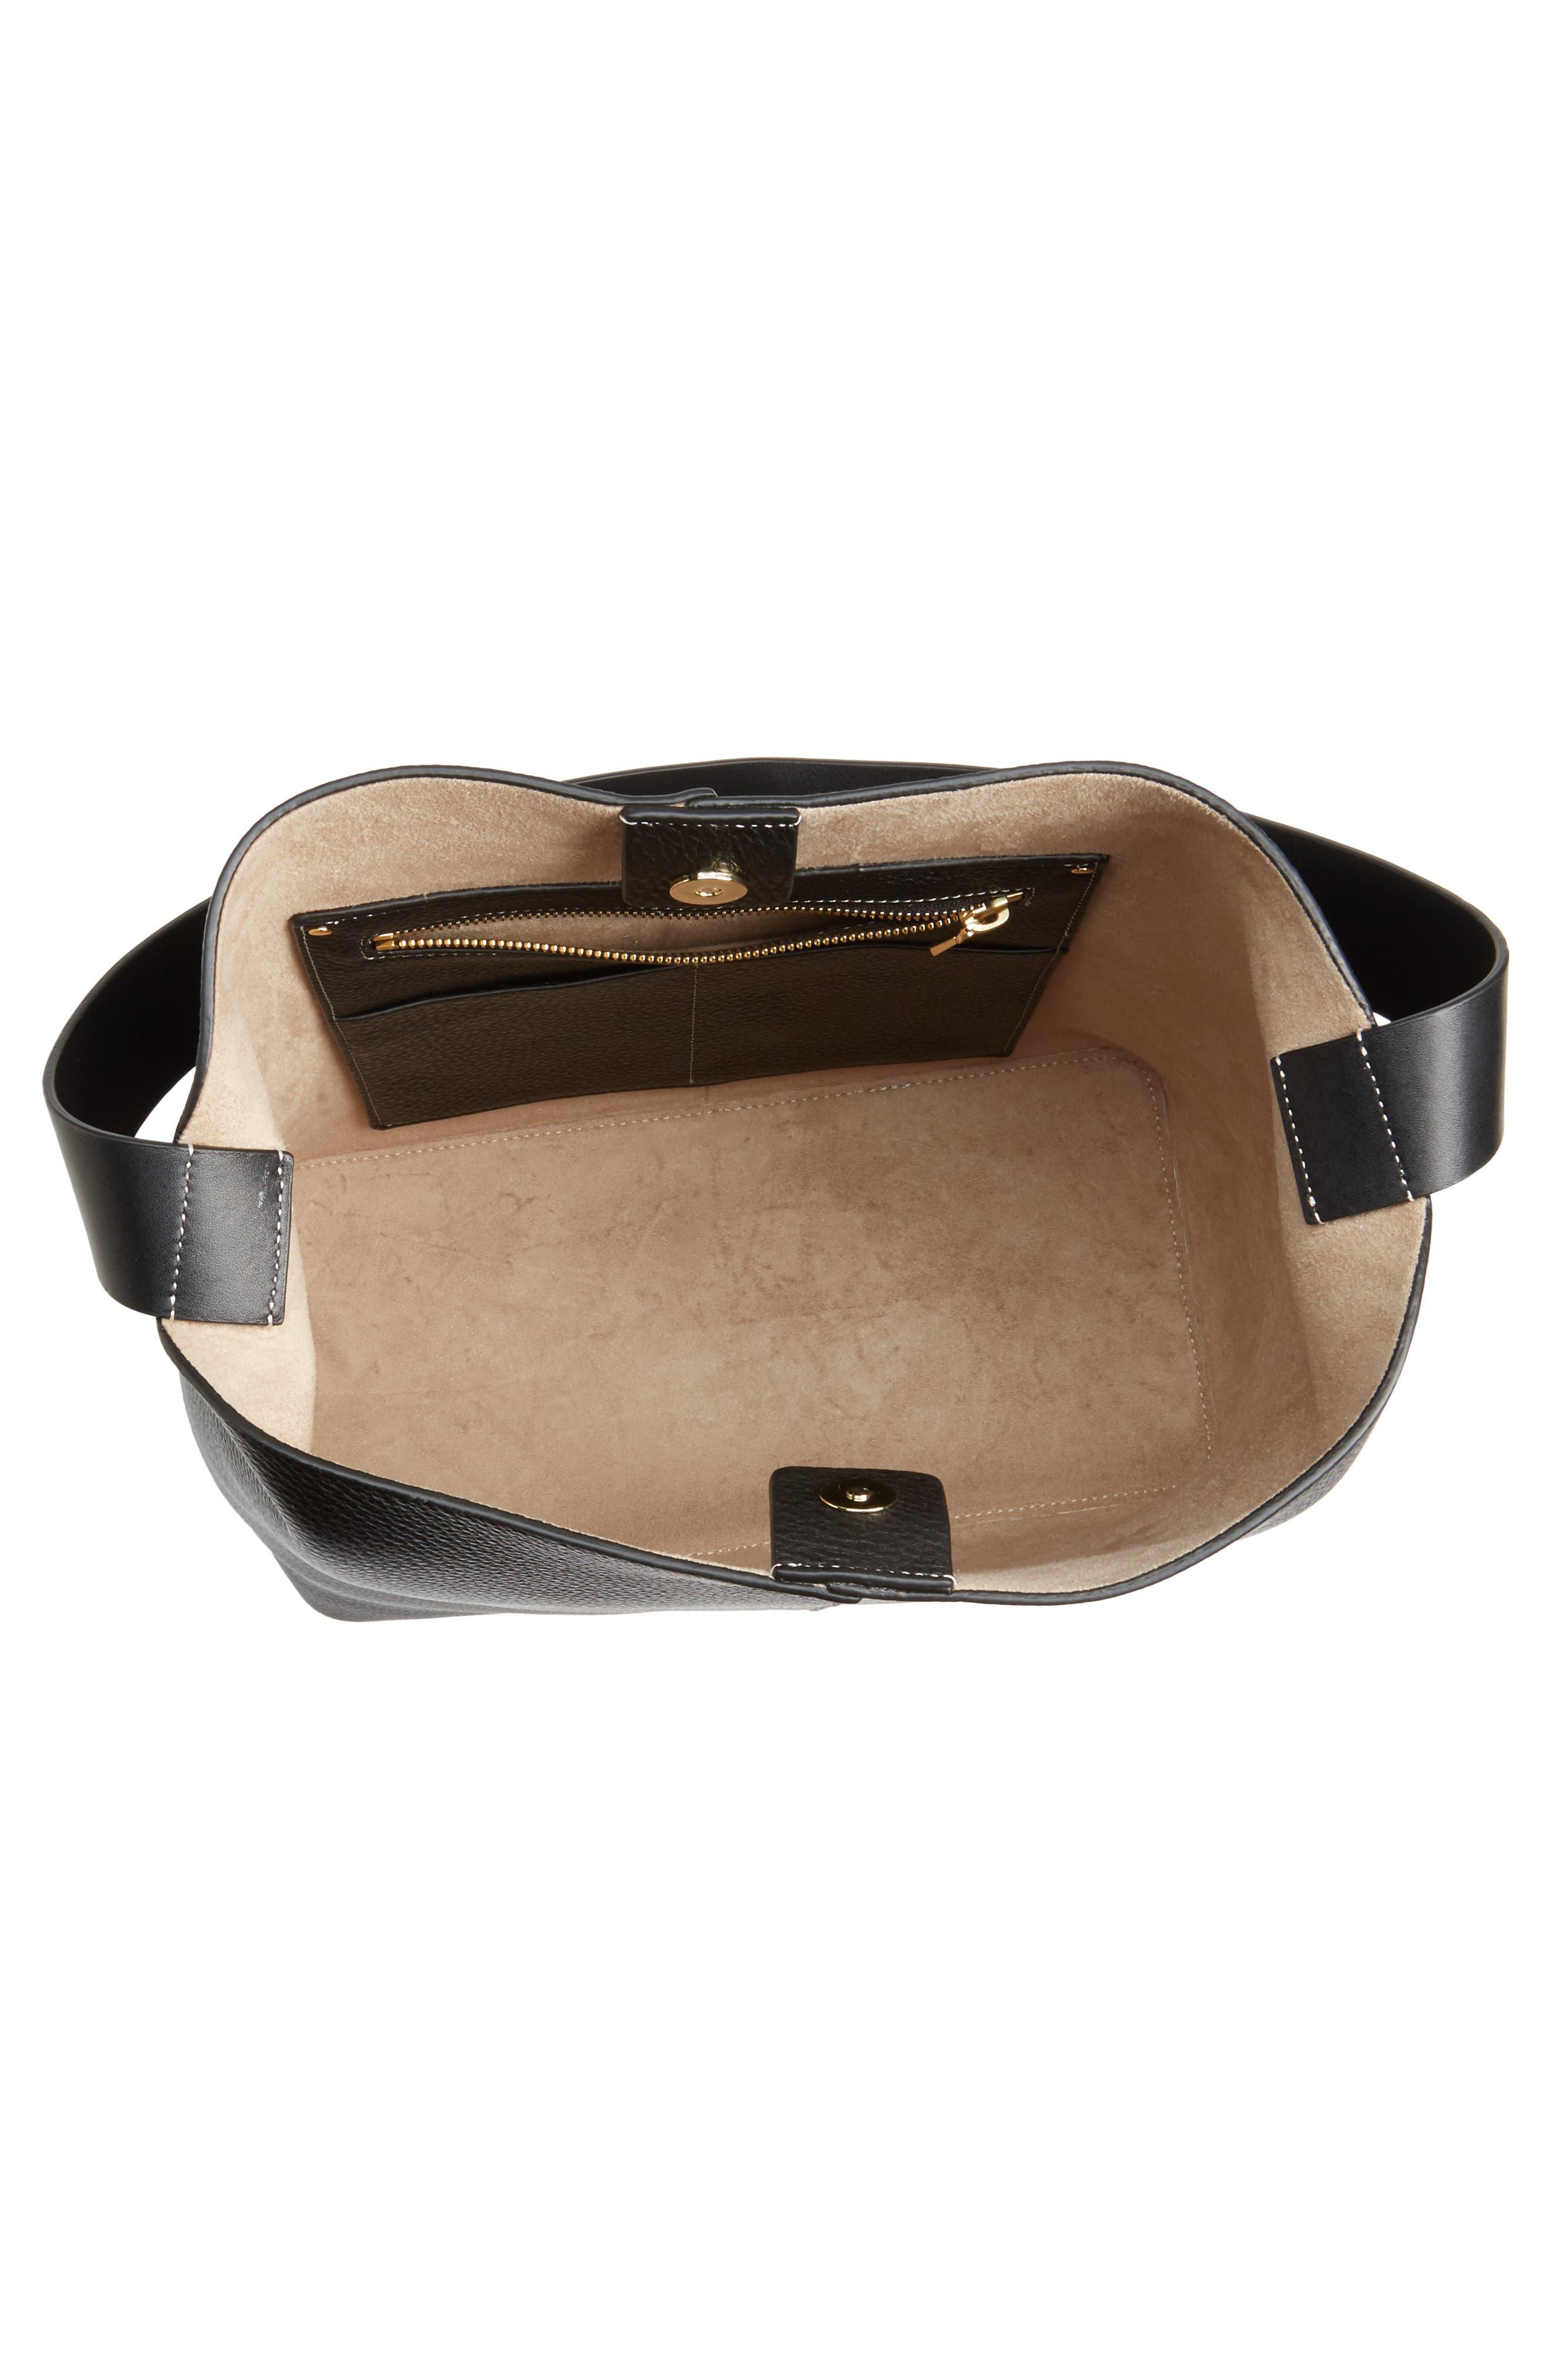 Large Leather Shoulder Bag,                             Alternate thumbnail 4, color,                             Black